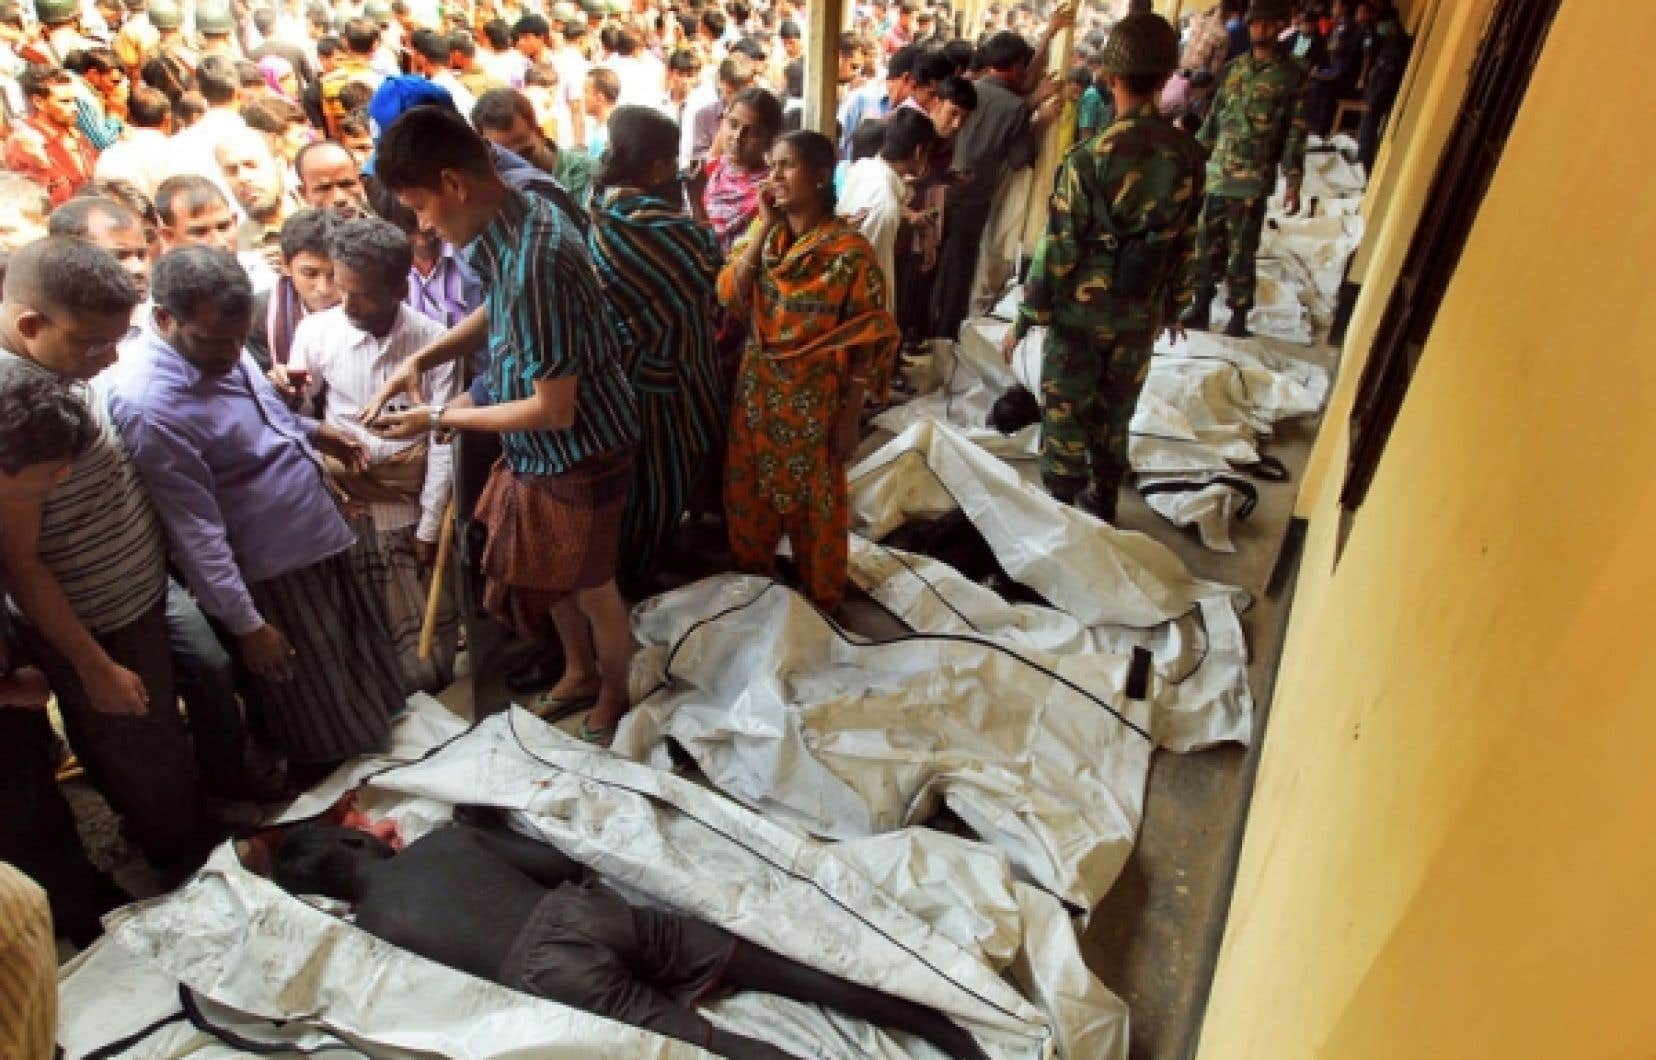 Les cadavres des victimes qui ont péri dans l'incendie de l'usine sont alignés dans les rues de Savar, près de Dacca, au Bangladesh.